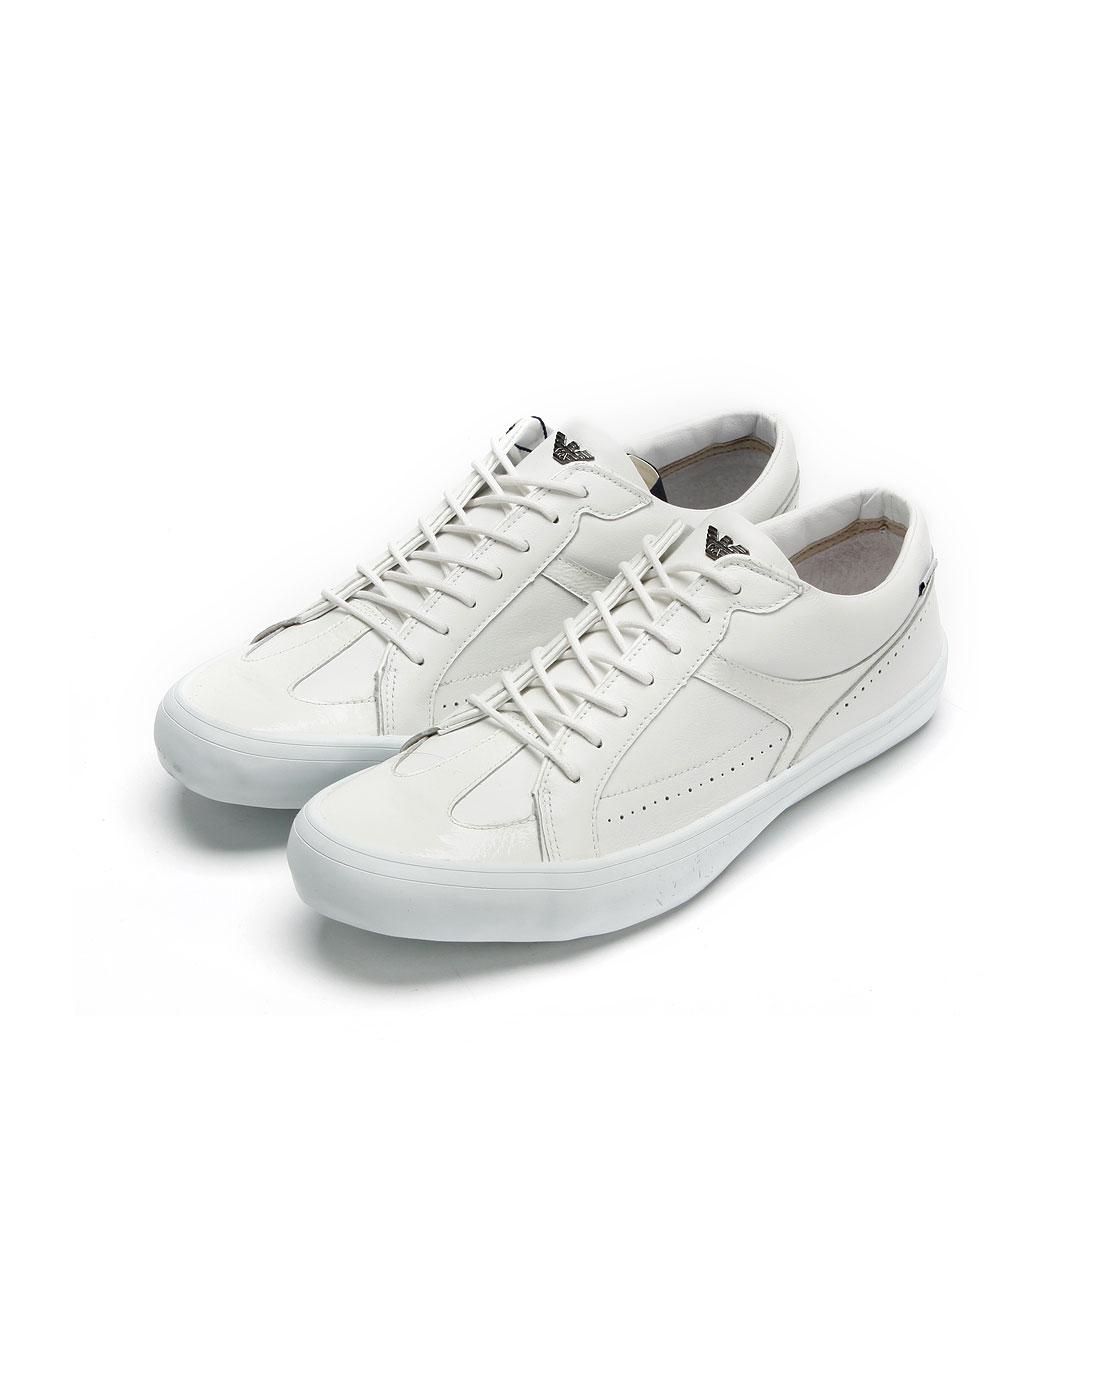 armani鞋子专场男款米白色拼皮休闲鞋n65071g